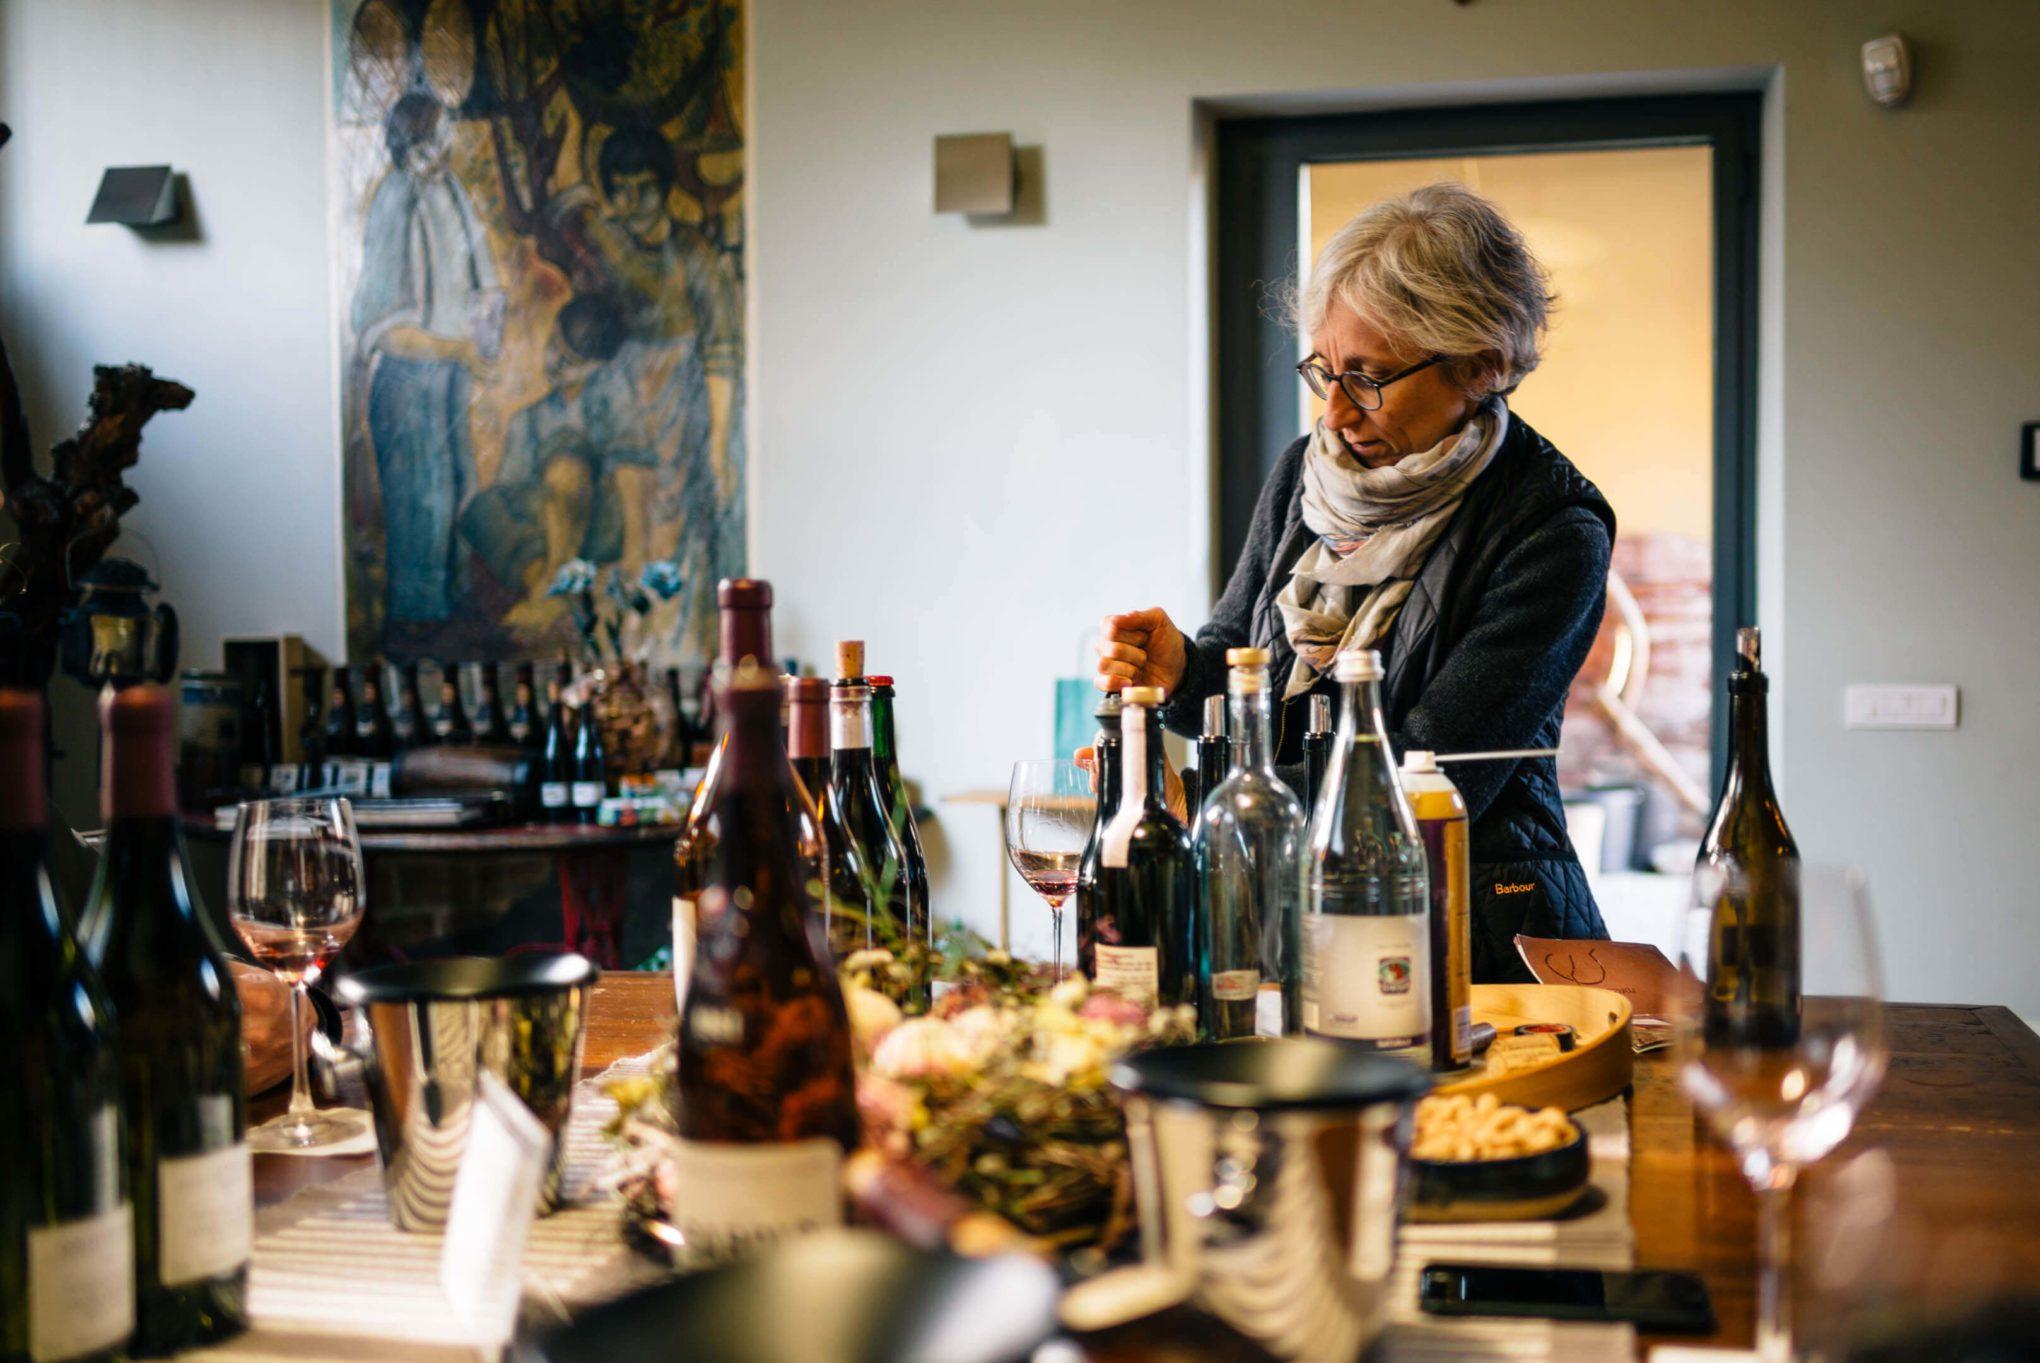 Maria Teresa Mascarello offers a tasting in Piedmont of her legendary Bartolo Mascarello complex wine.